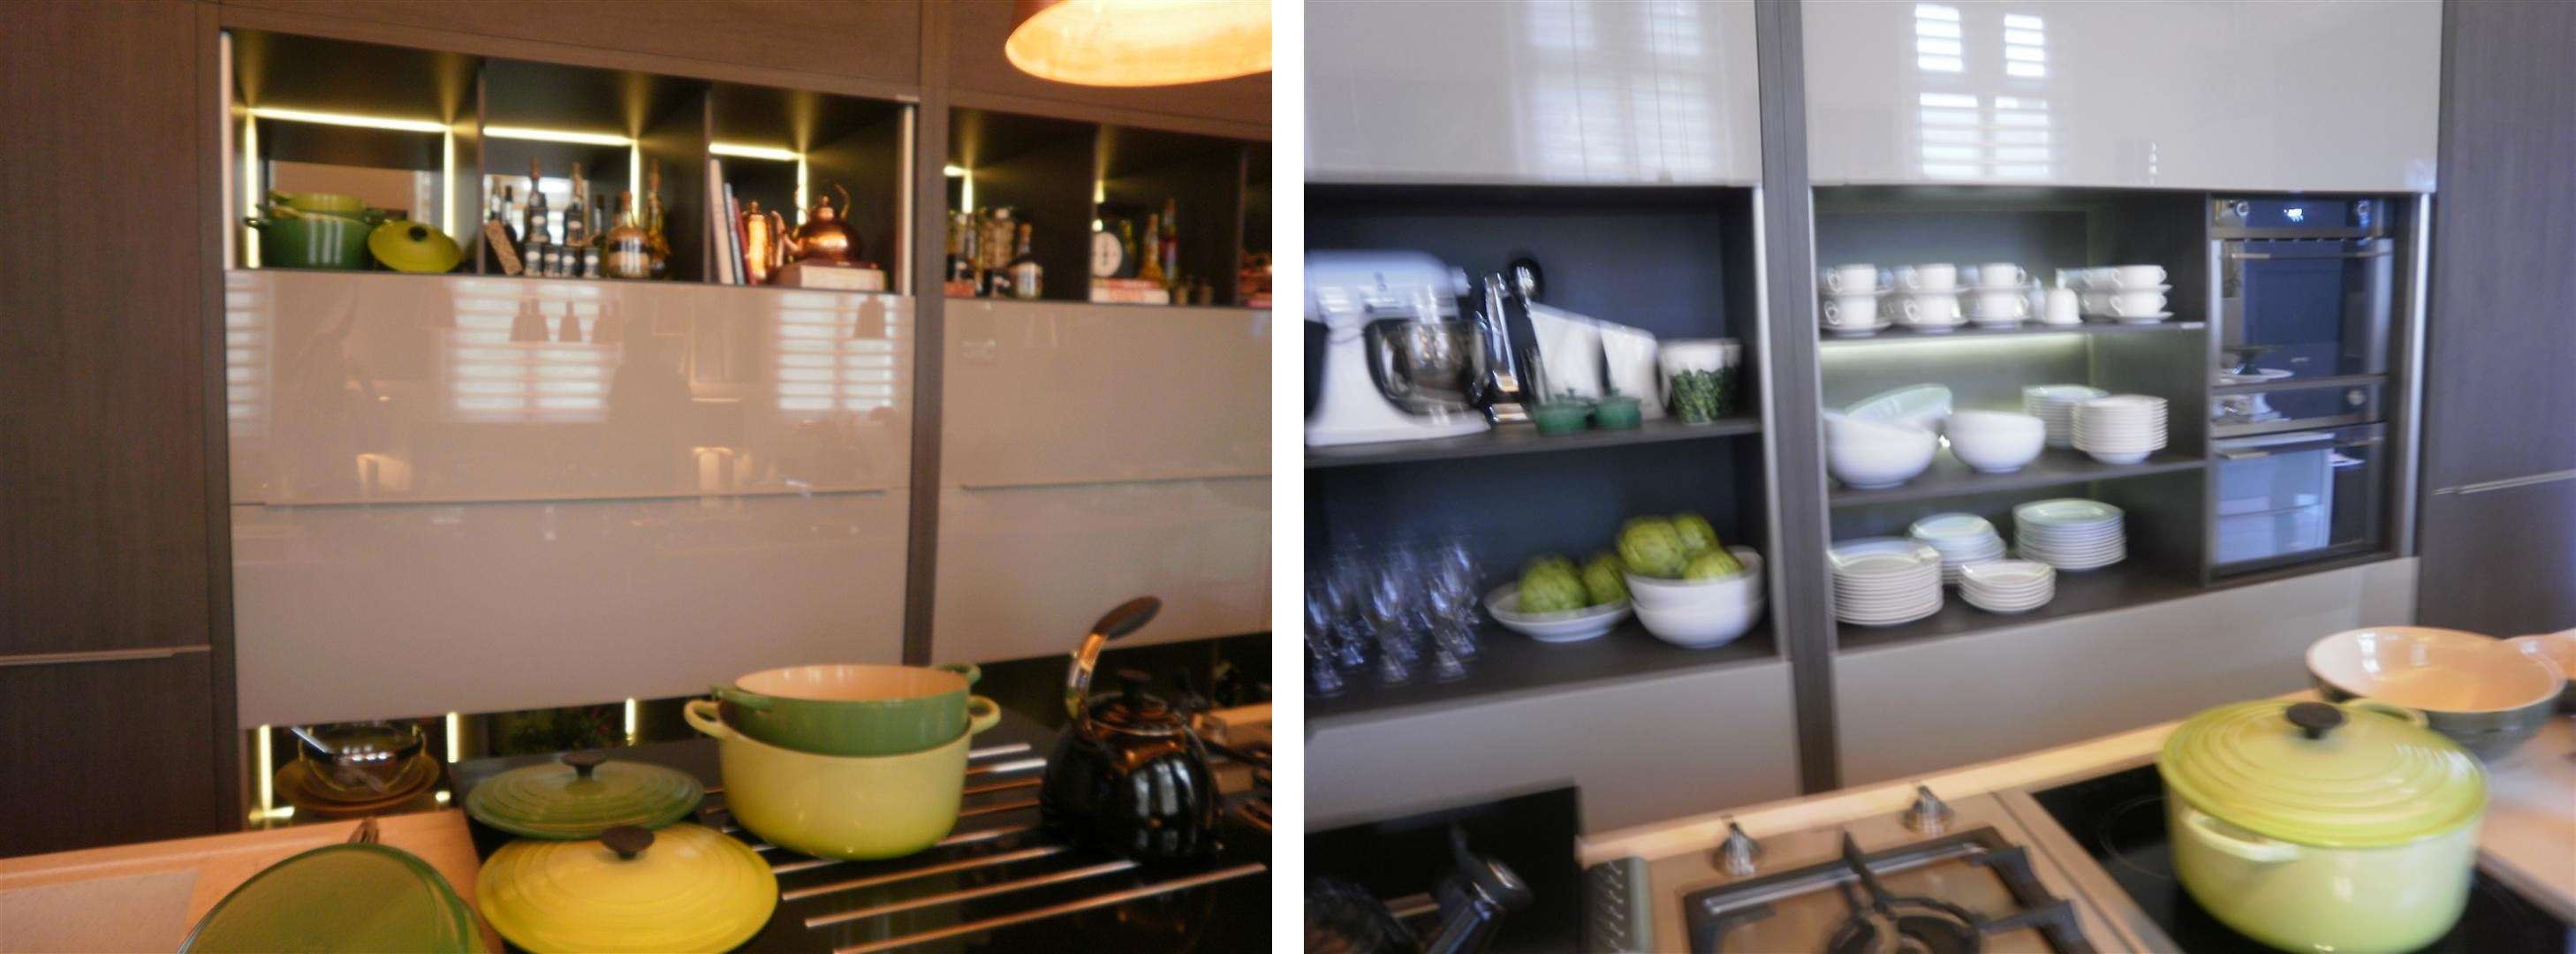 tet casa nova 2012 10 cozinha da casa formaplas.jpg #9D742E 2916 1080